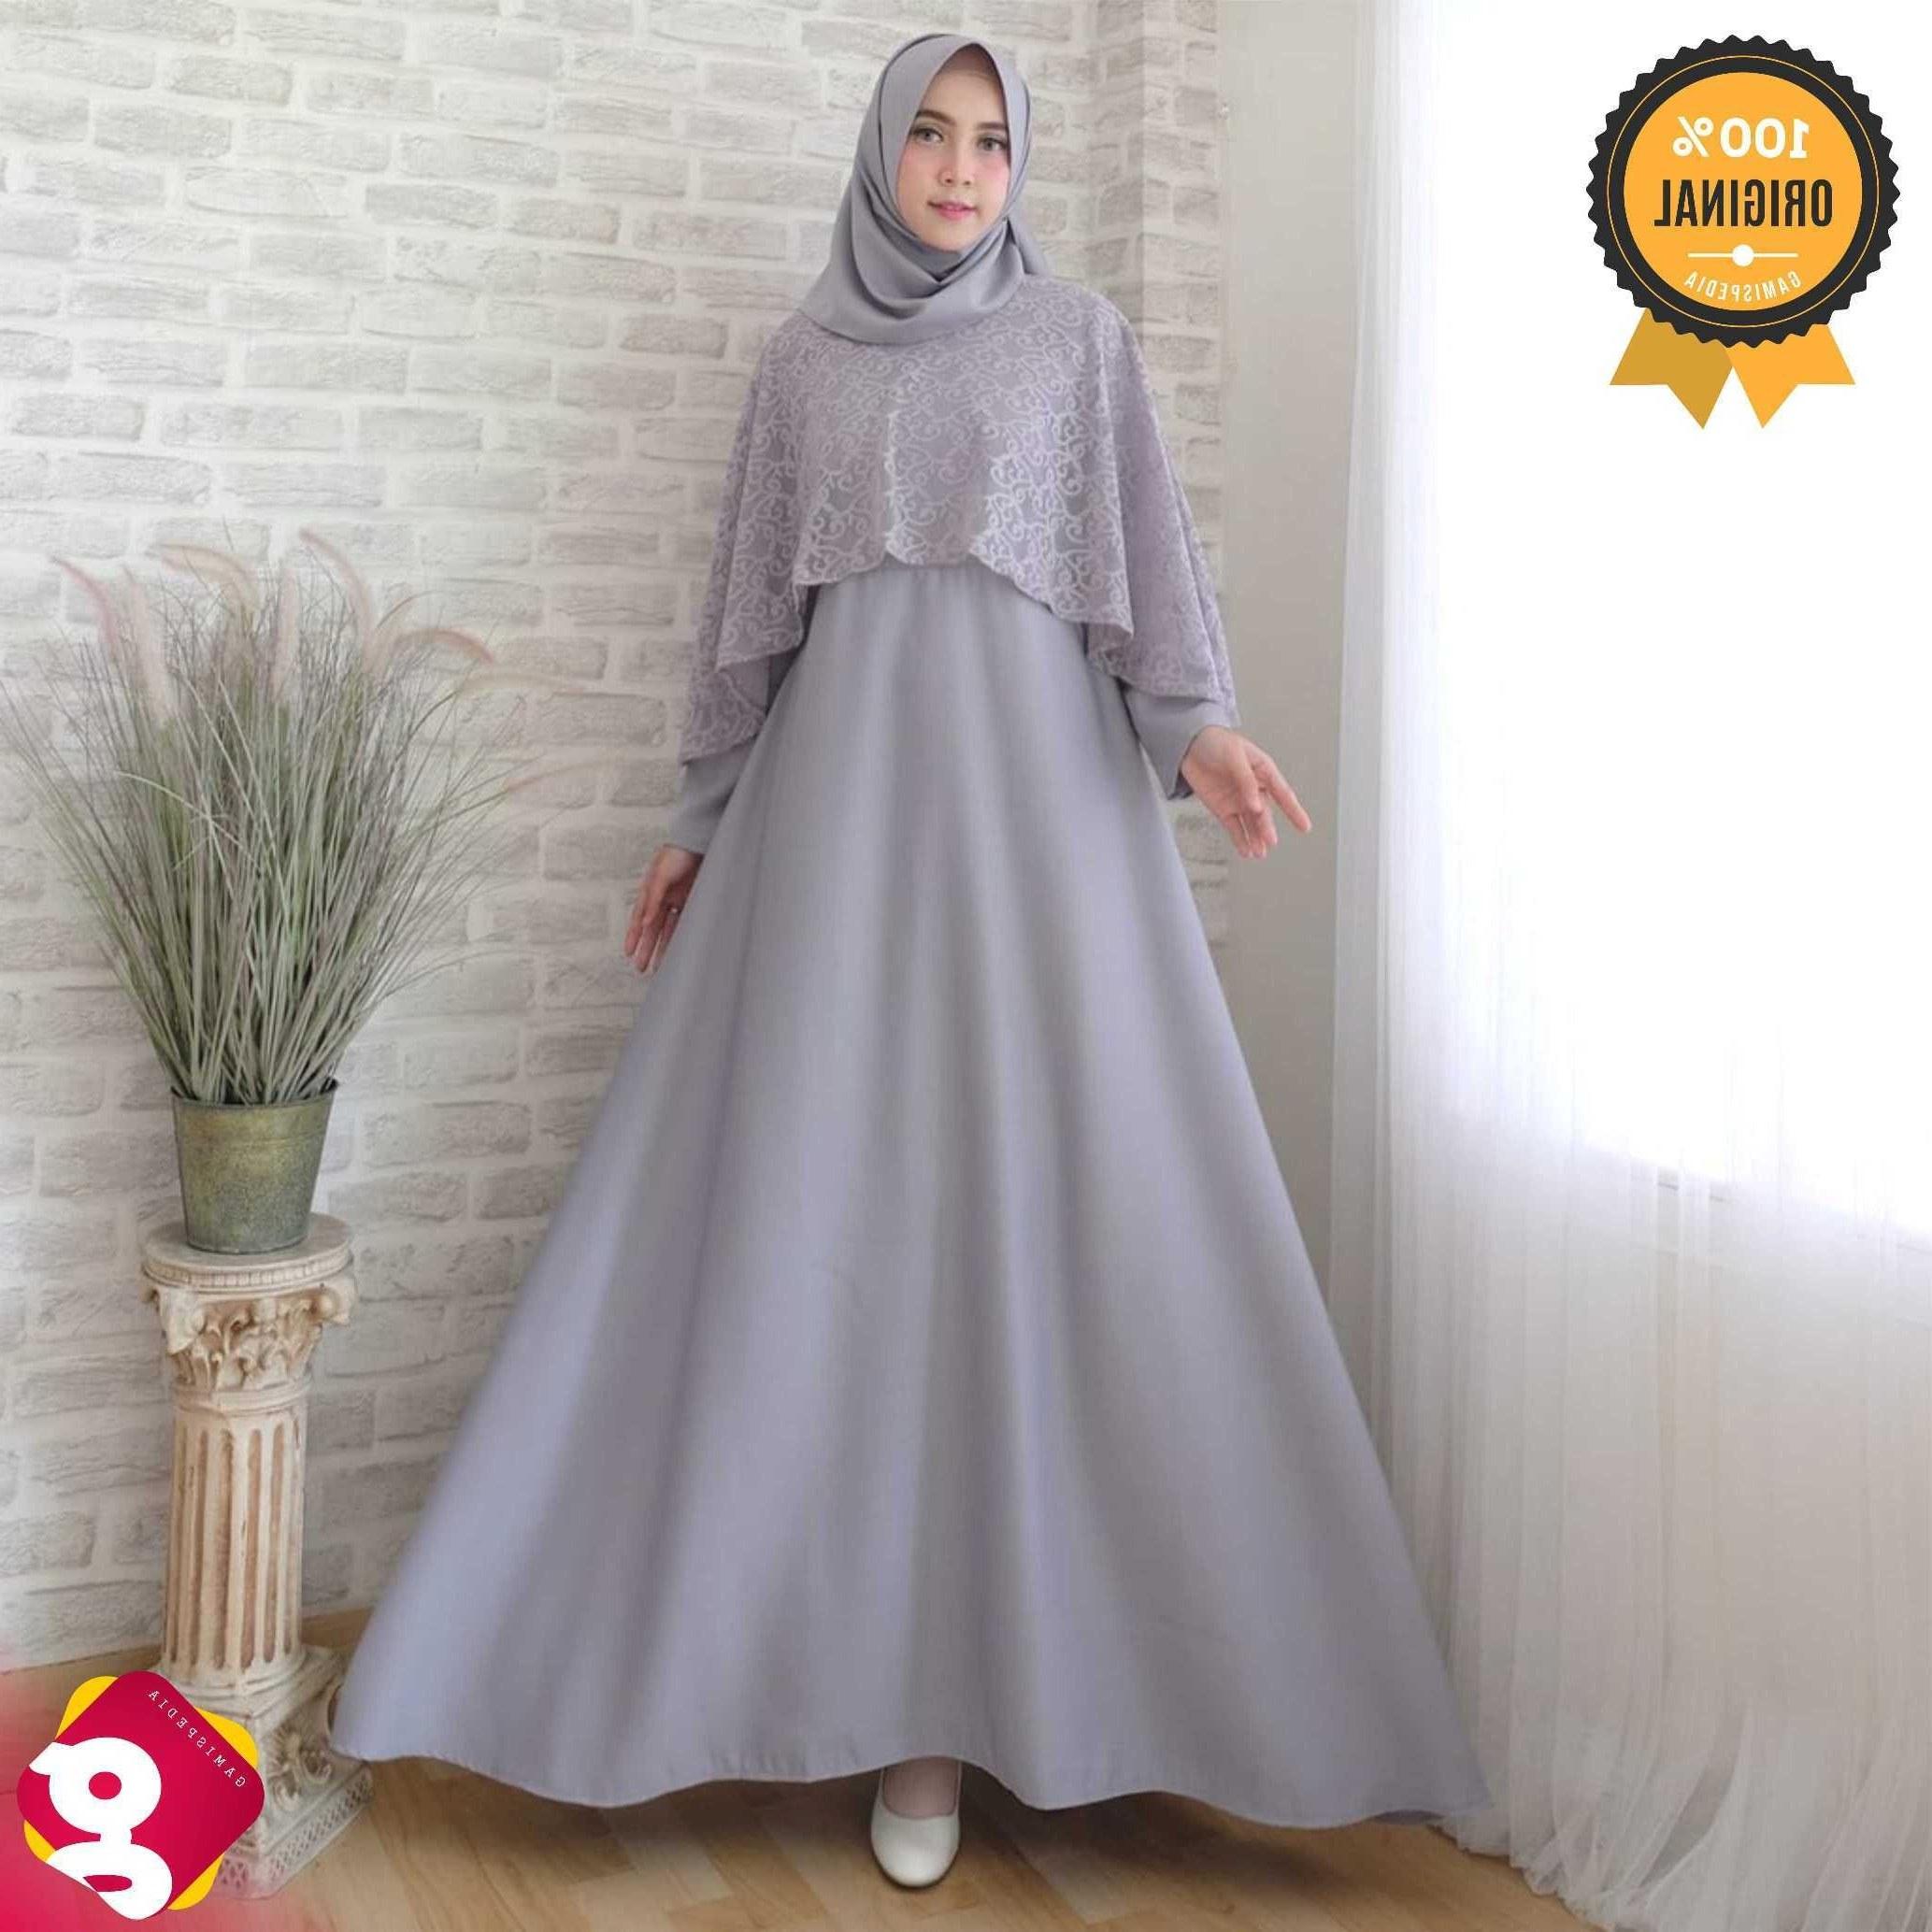 Bentuk Model Baju Gamis Untuk Pesta Pernikahan Irdz Model Gamis Terbaru Untuk Pesta Pernikahan